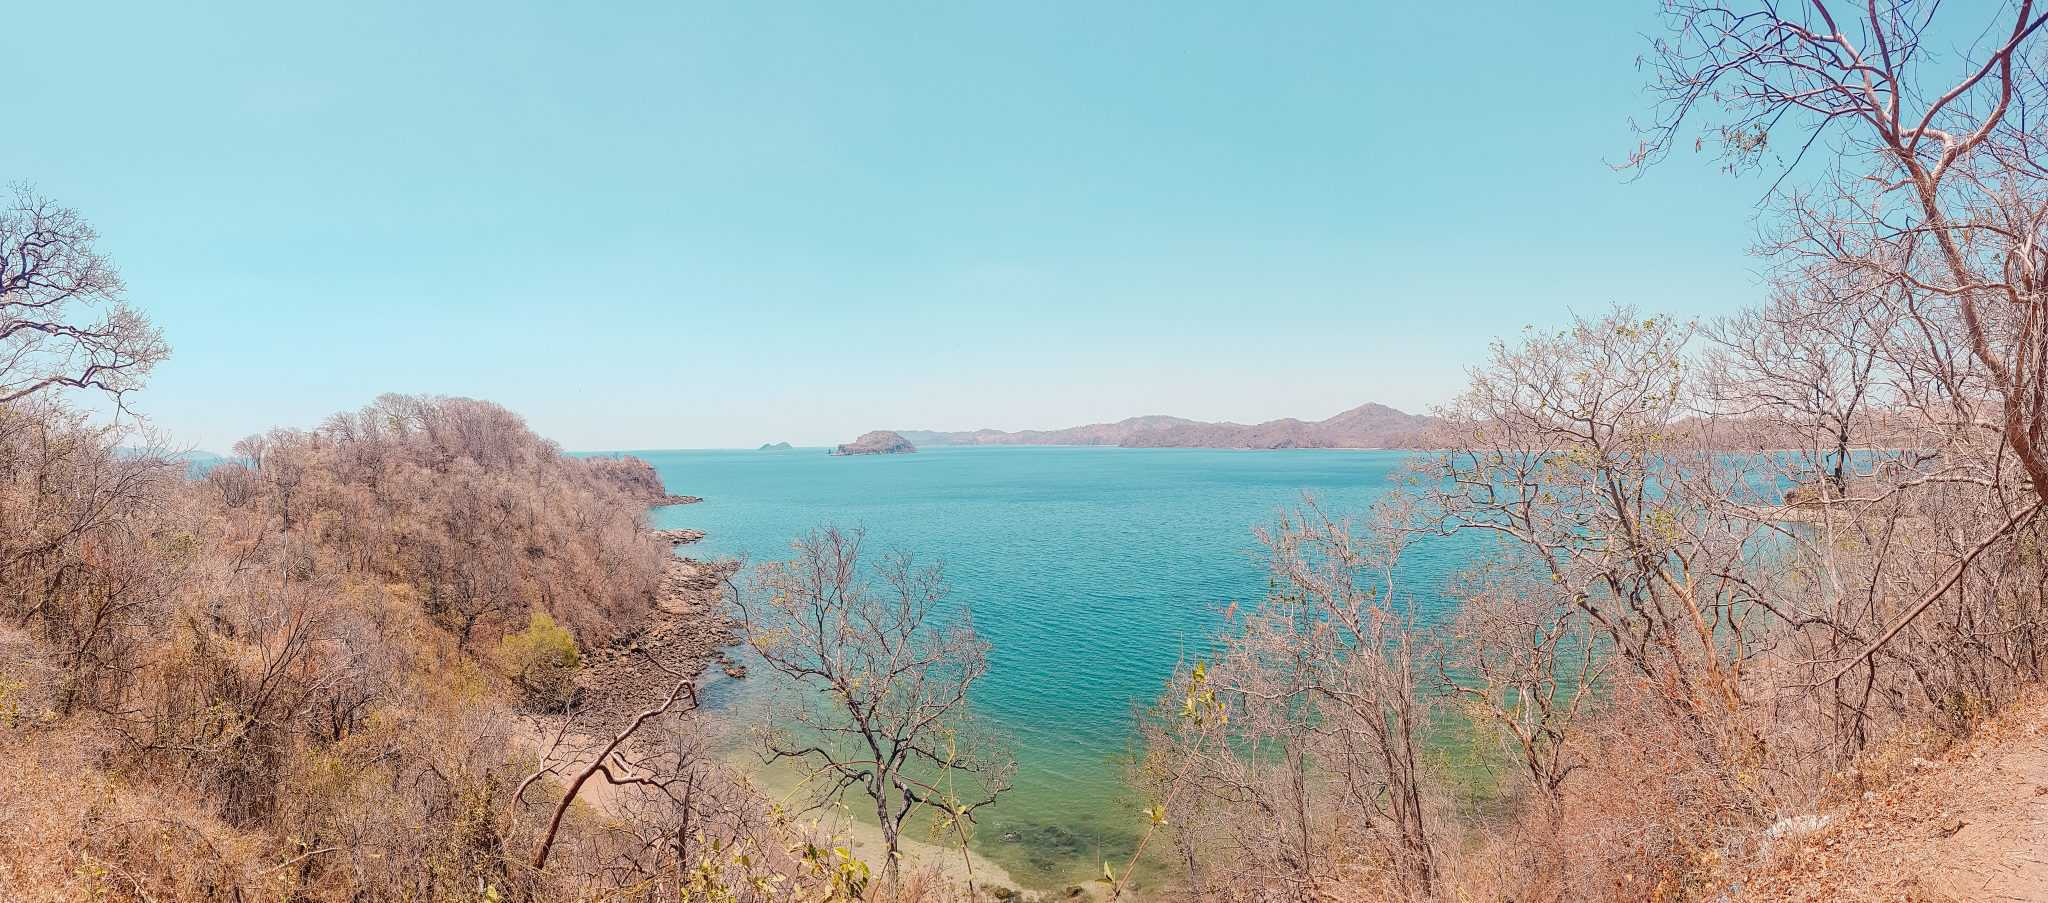 coco view